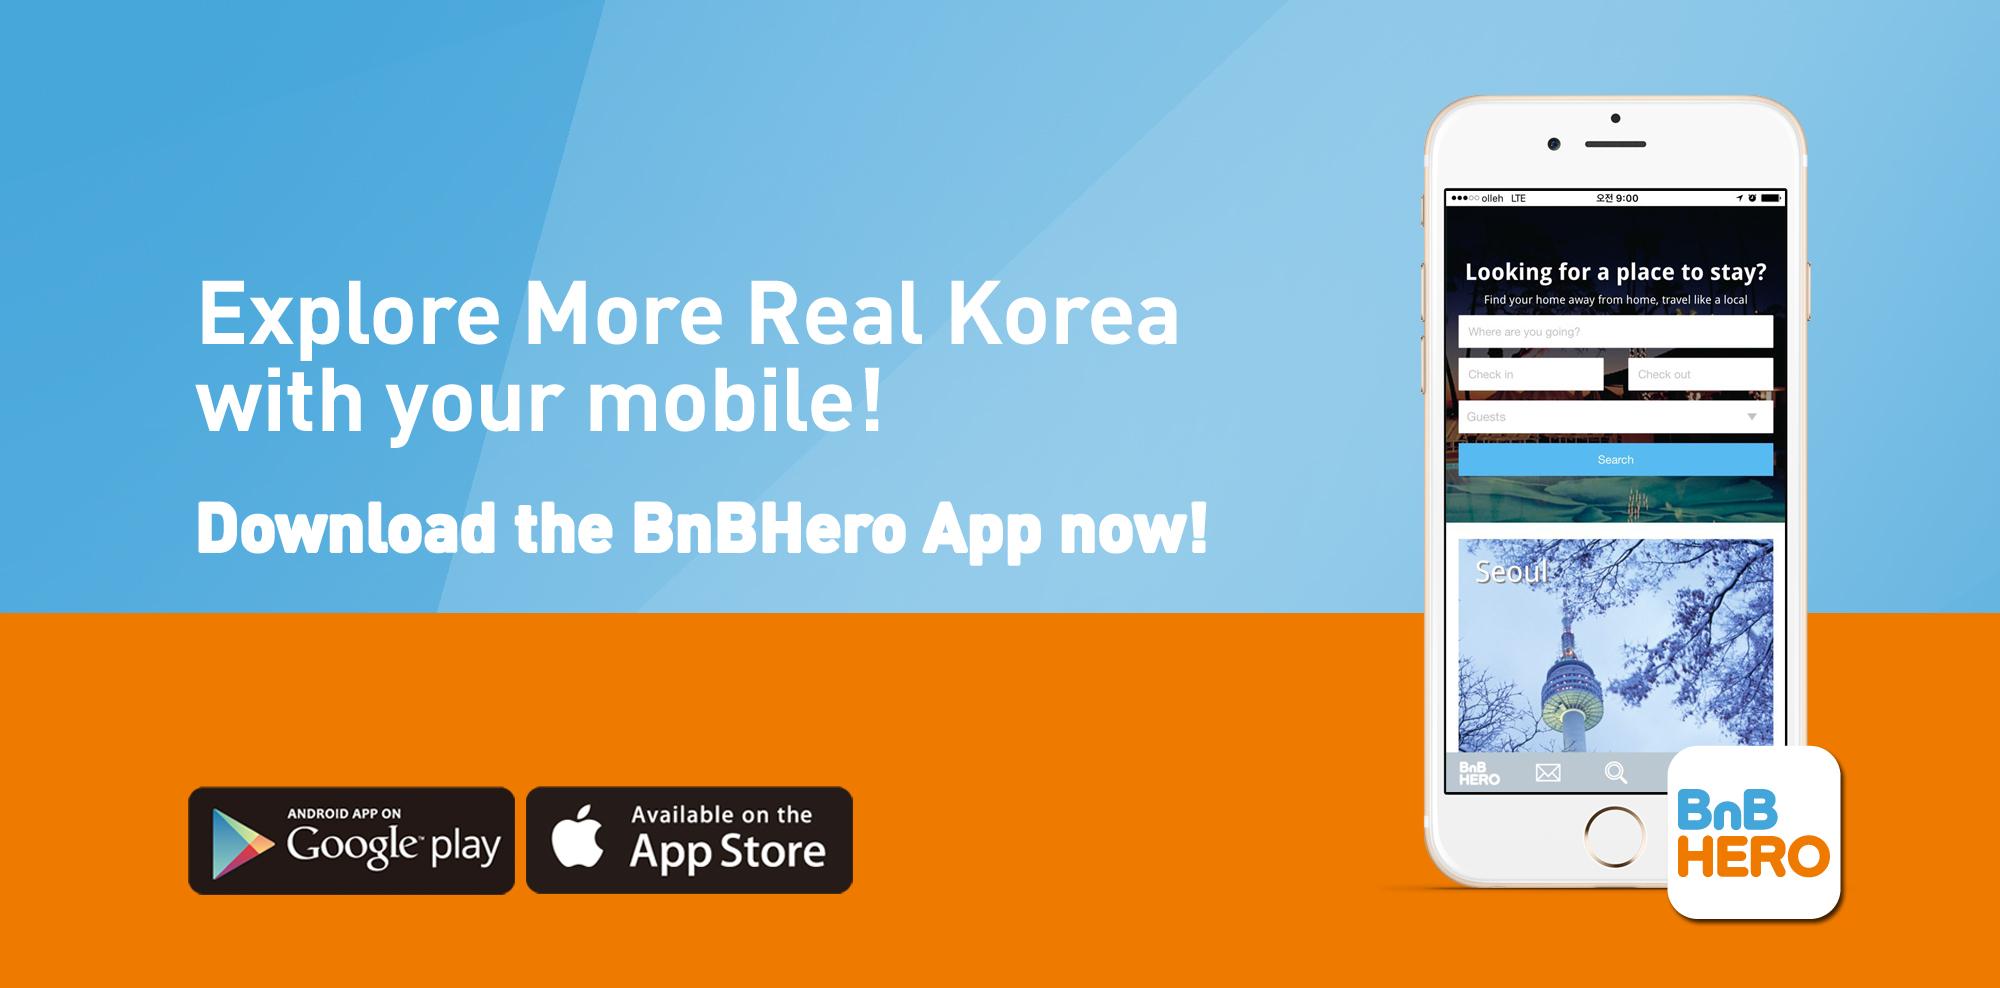 BNBHERO APP has released!!